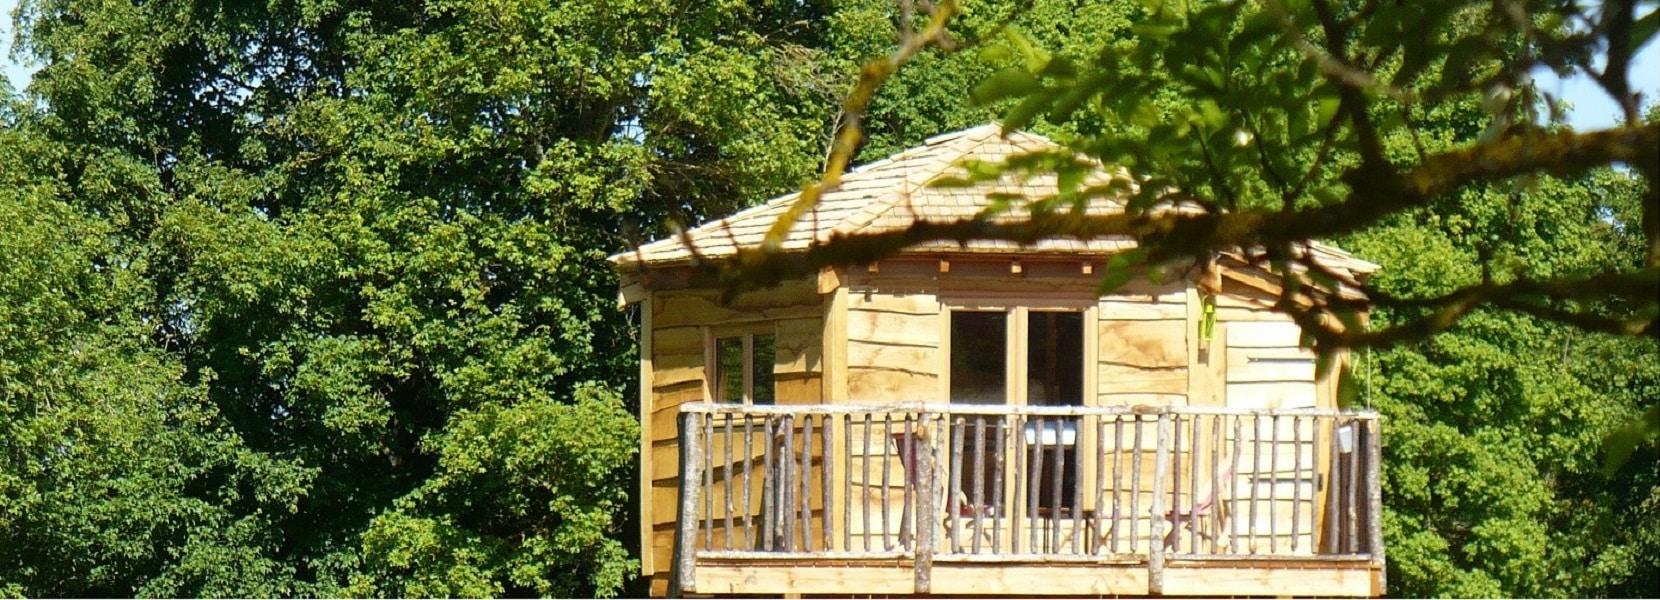 Family ecolodge h bergements insolites et escape game - Chambre d hote cabane dans les arbres ...